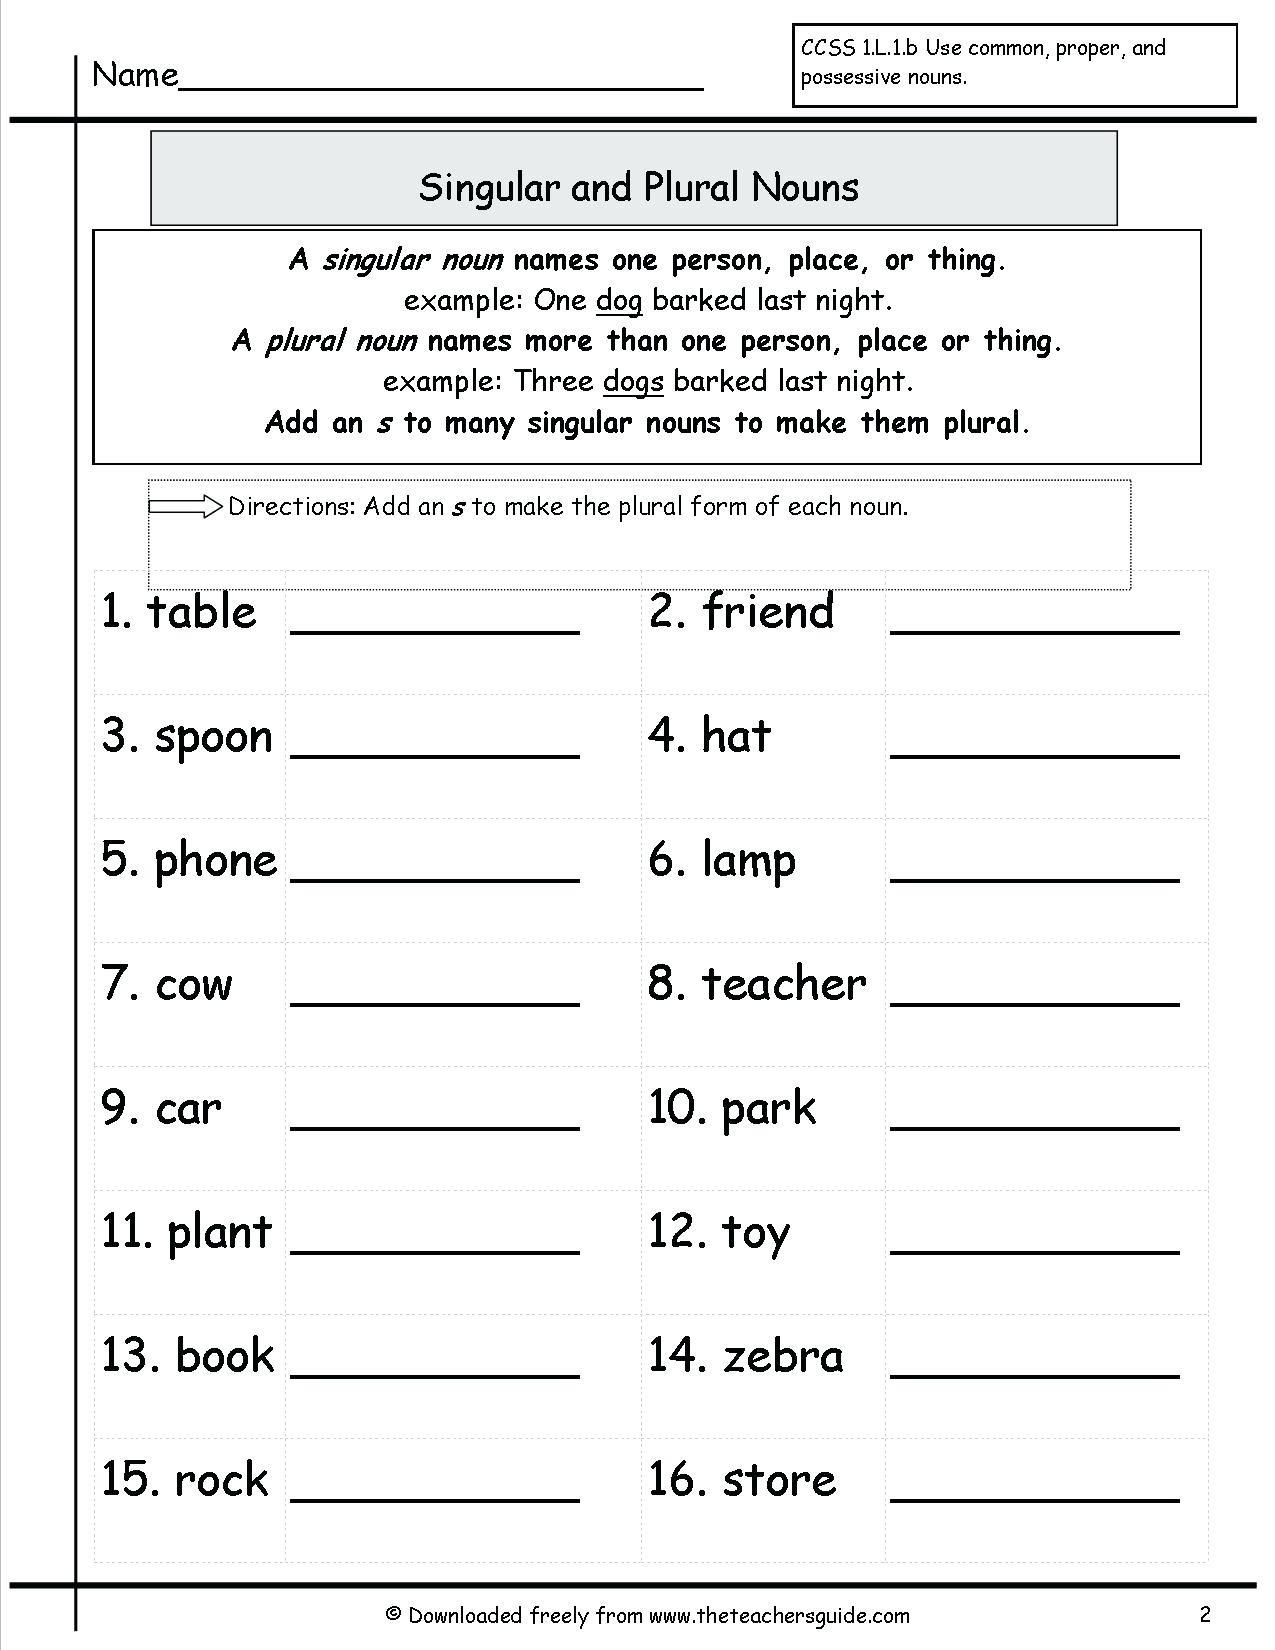 Plural Nouns Worksheet 5th Grade Noun Worksheet Singular and Plural Nouns Worksheet Grammar